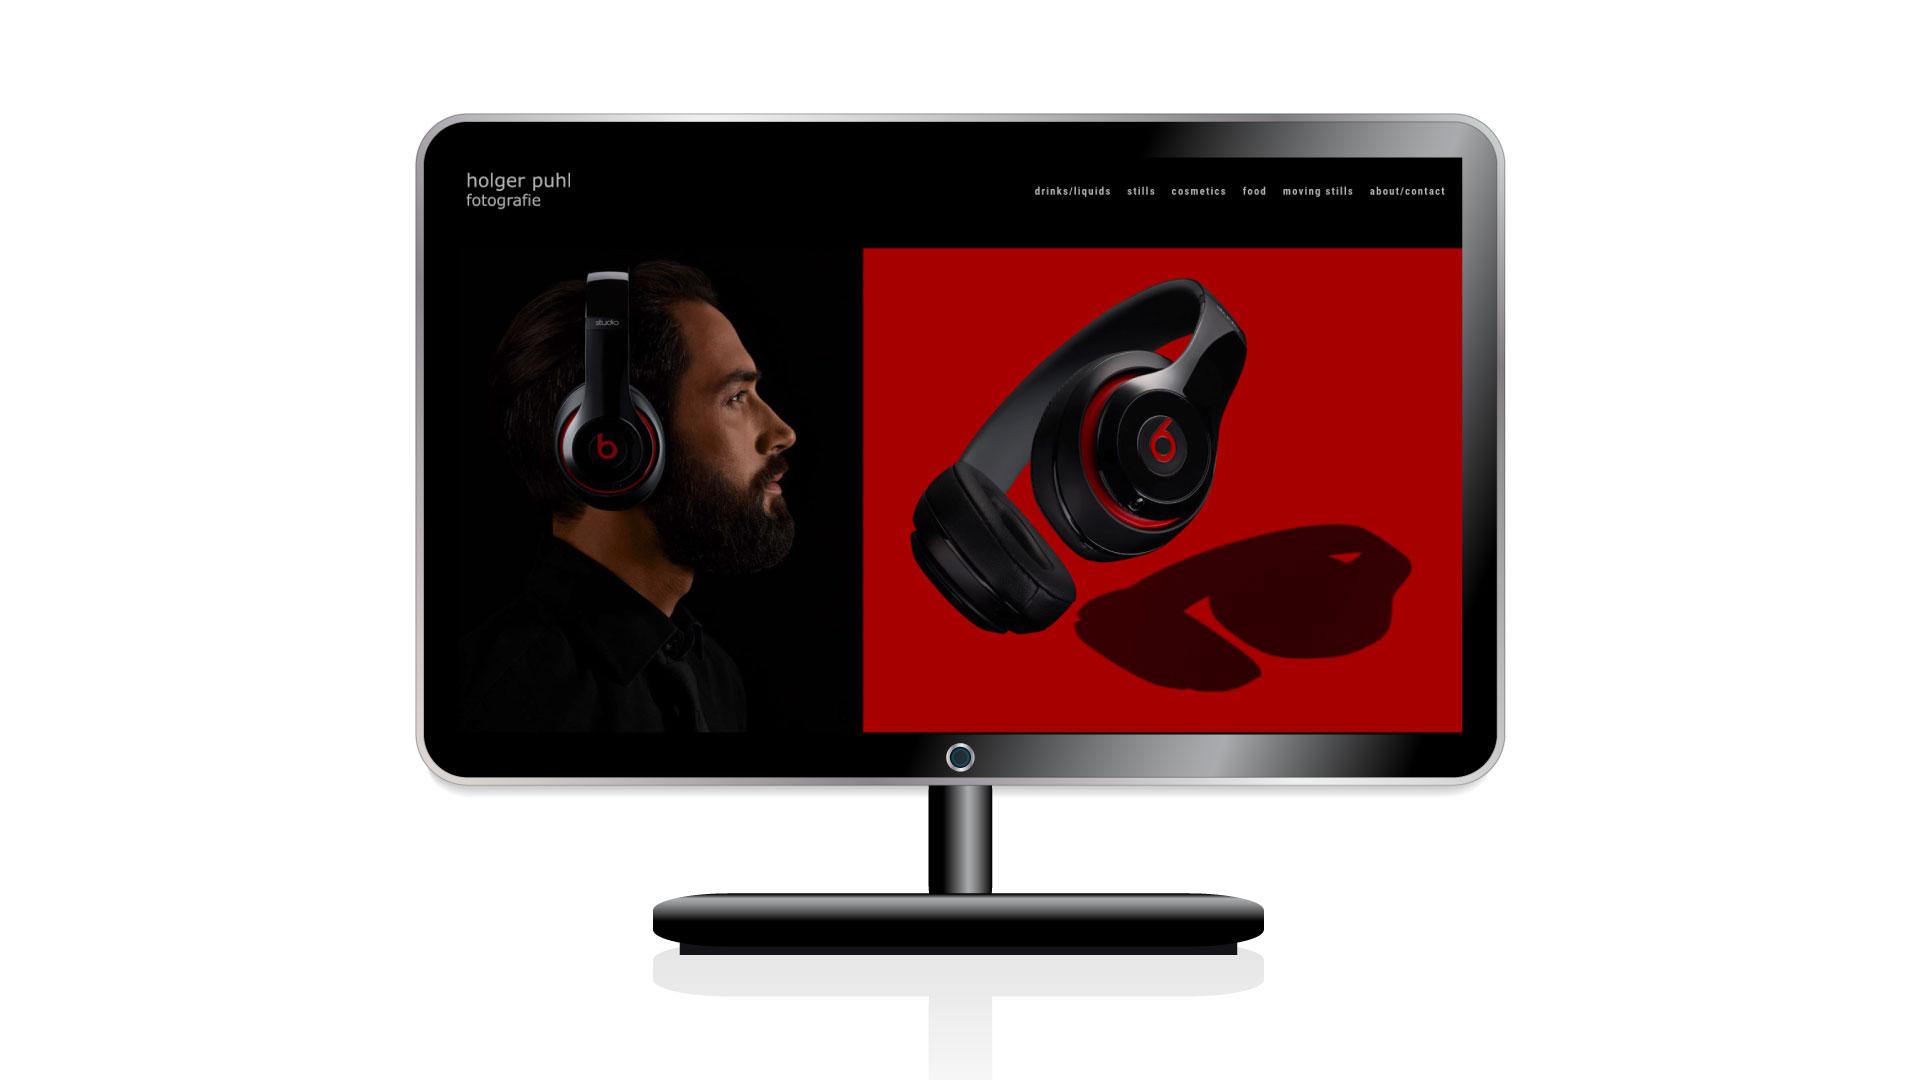 Website für den Werbefotografen Holger Puhl, Düsseldorf